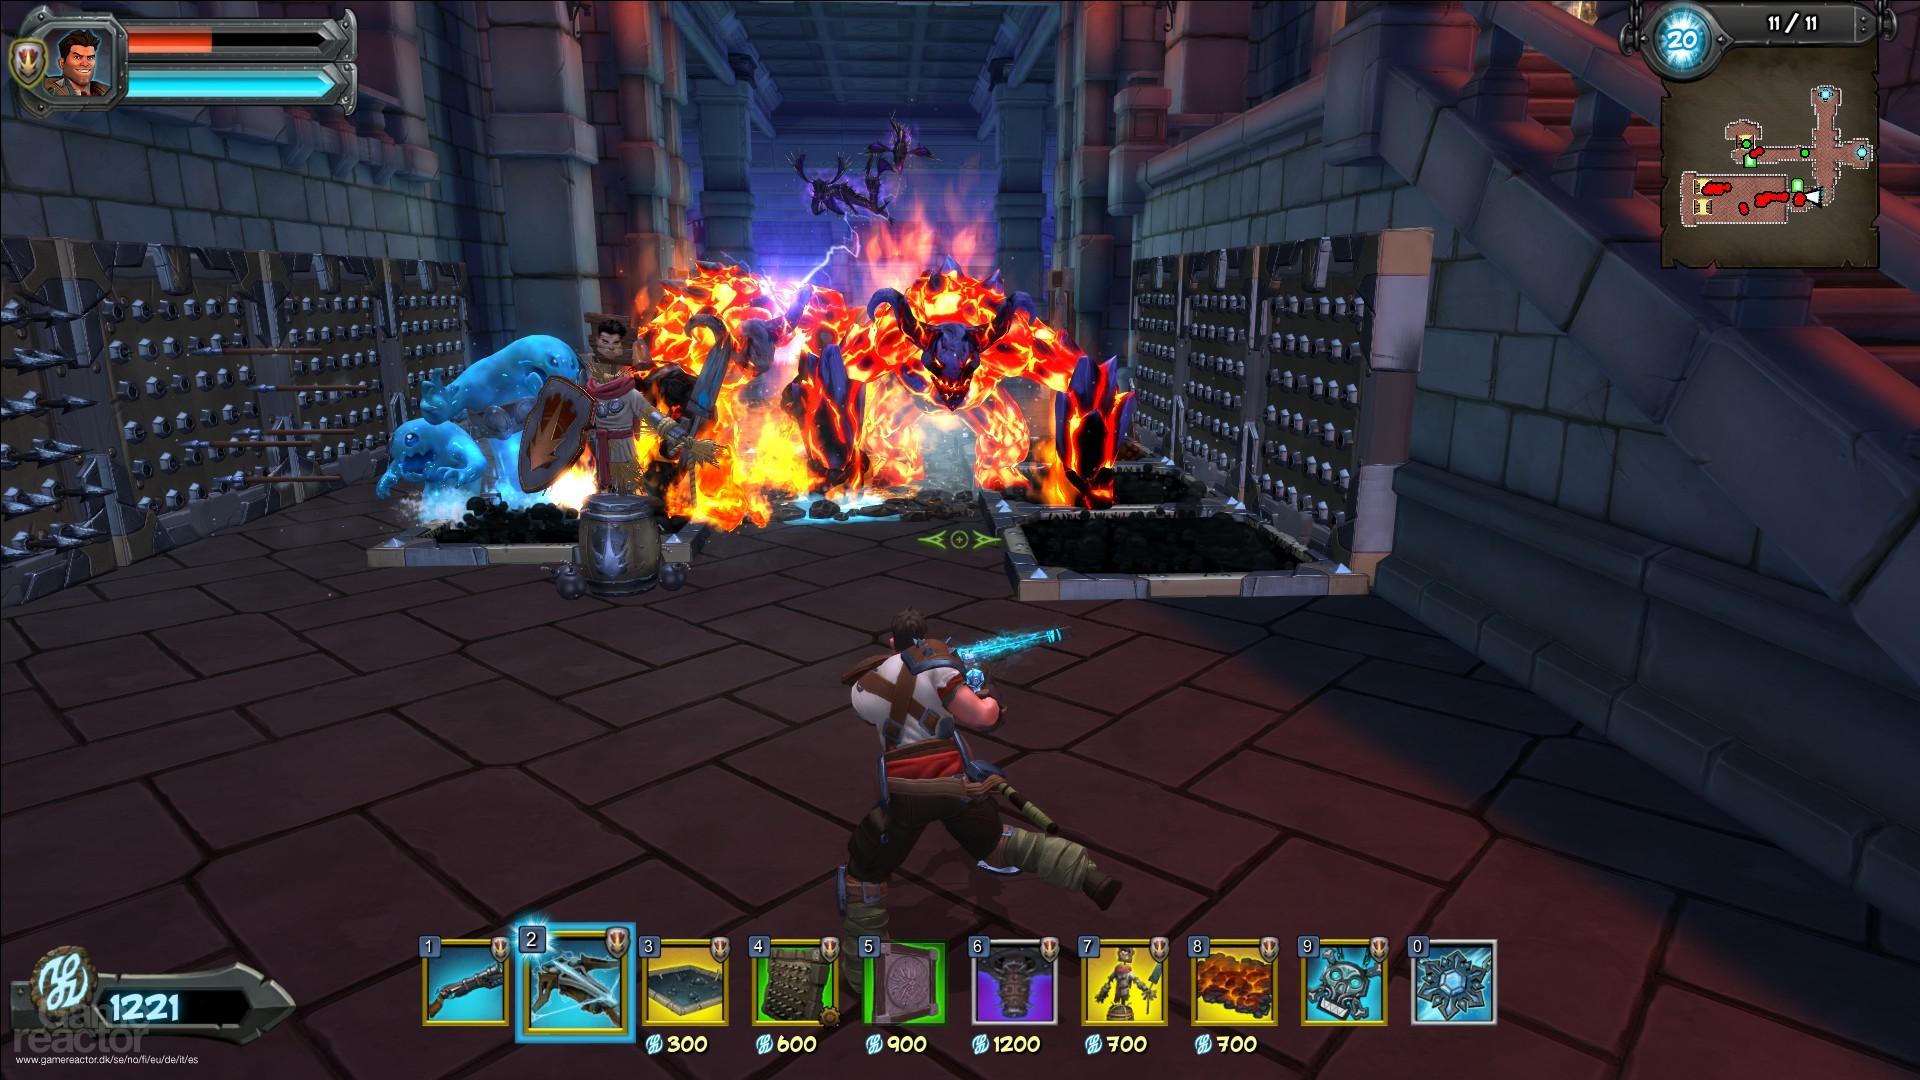 orcs must die 2 - Orcs Must Die